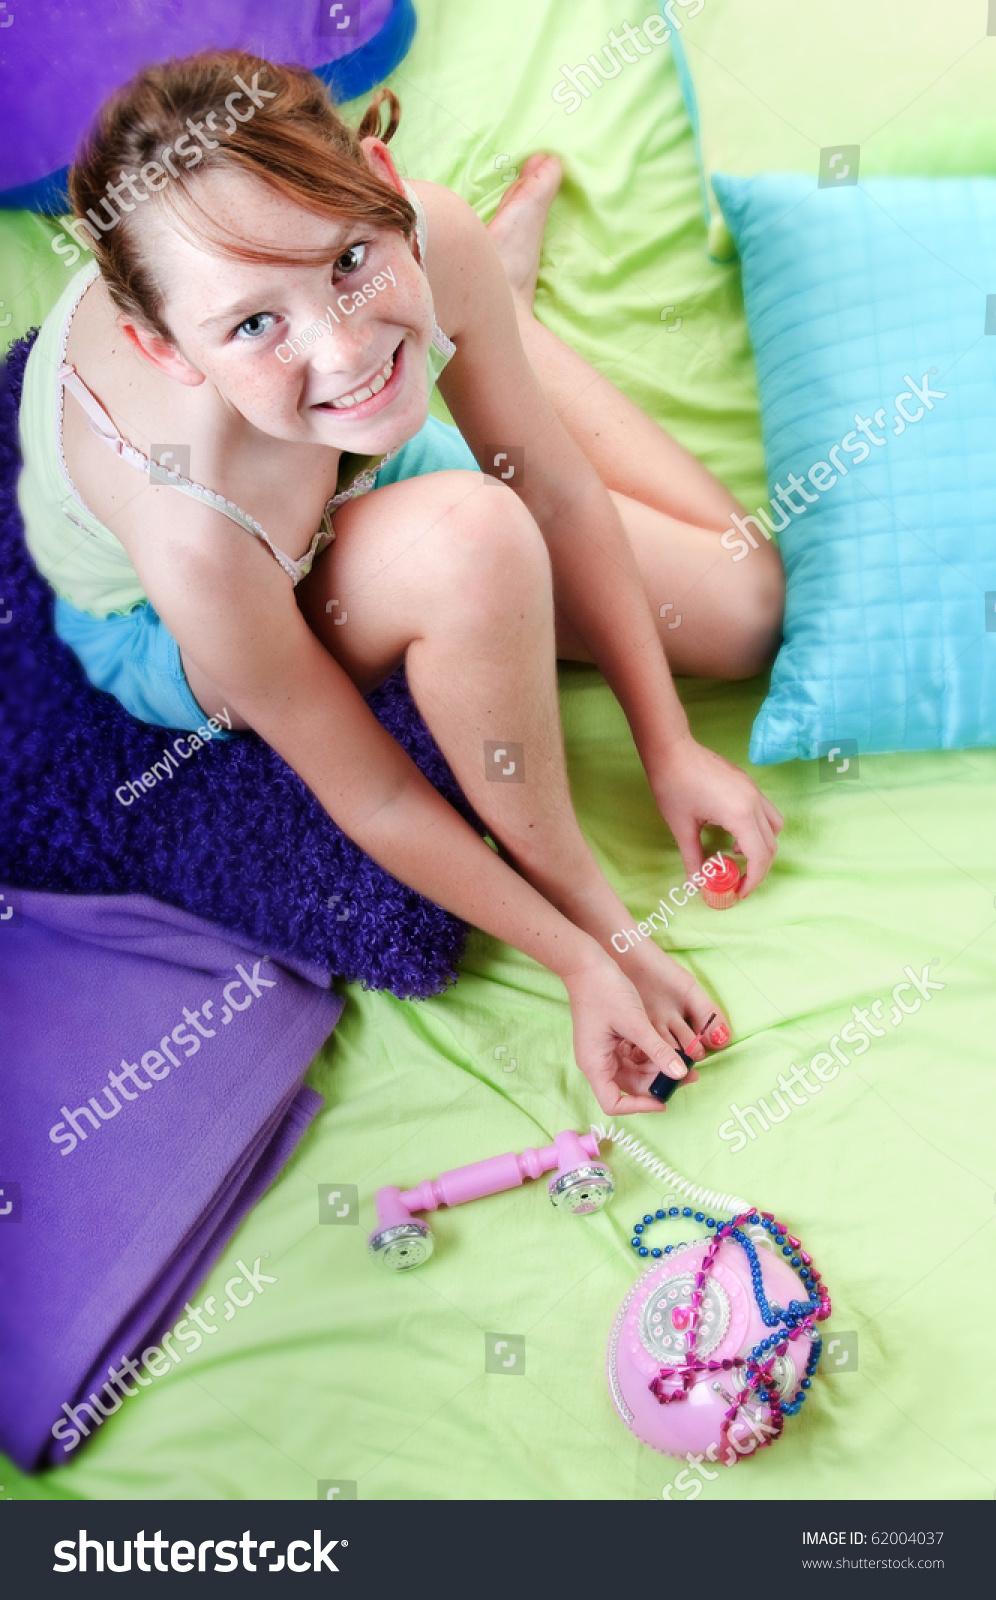 nude dalton georgia girls